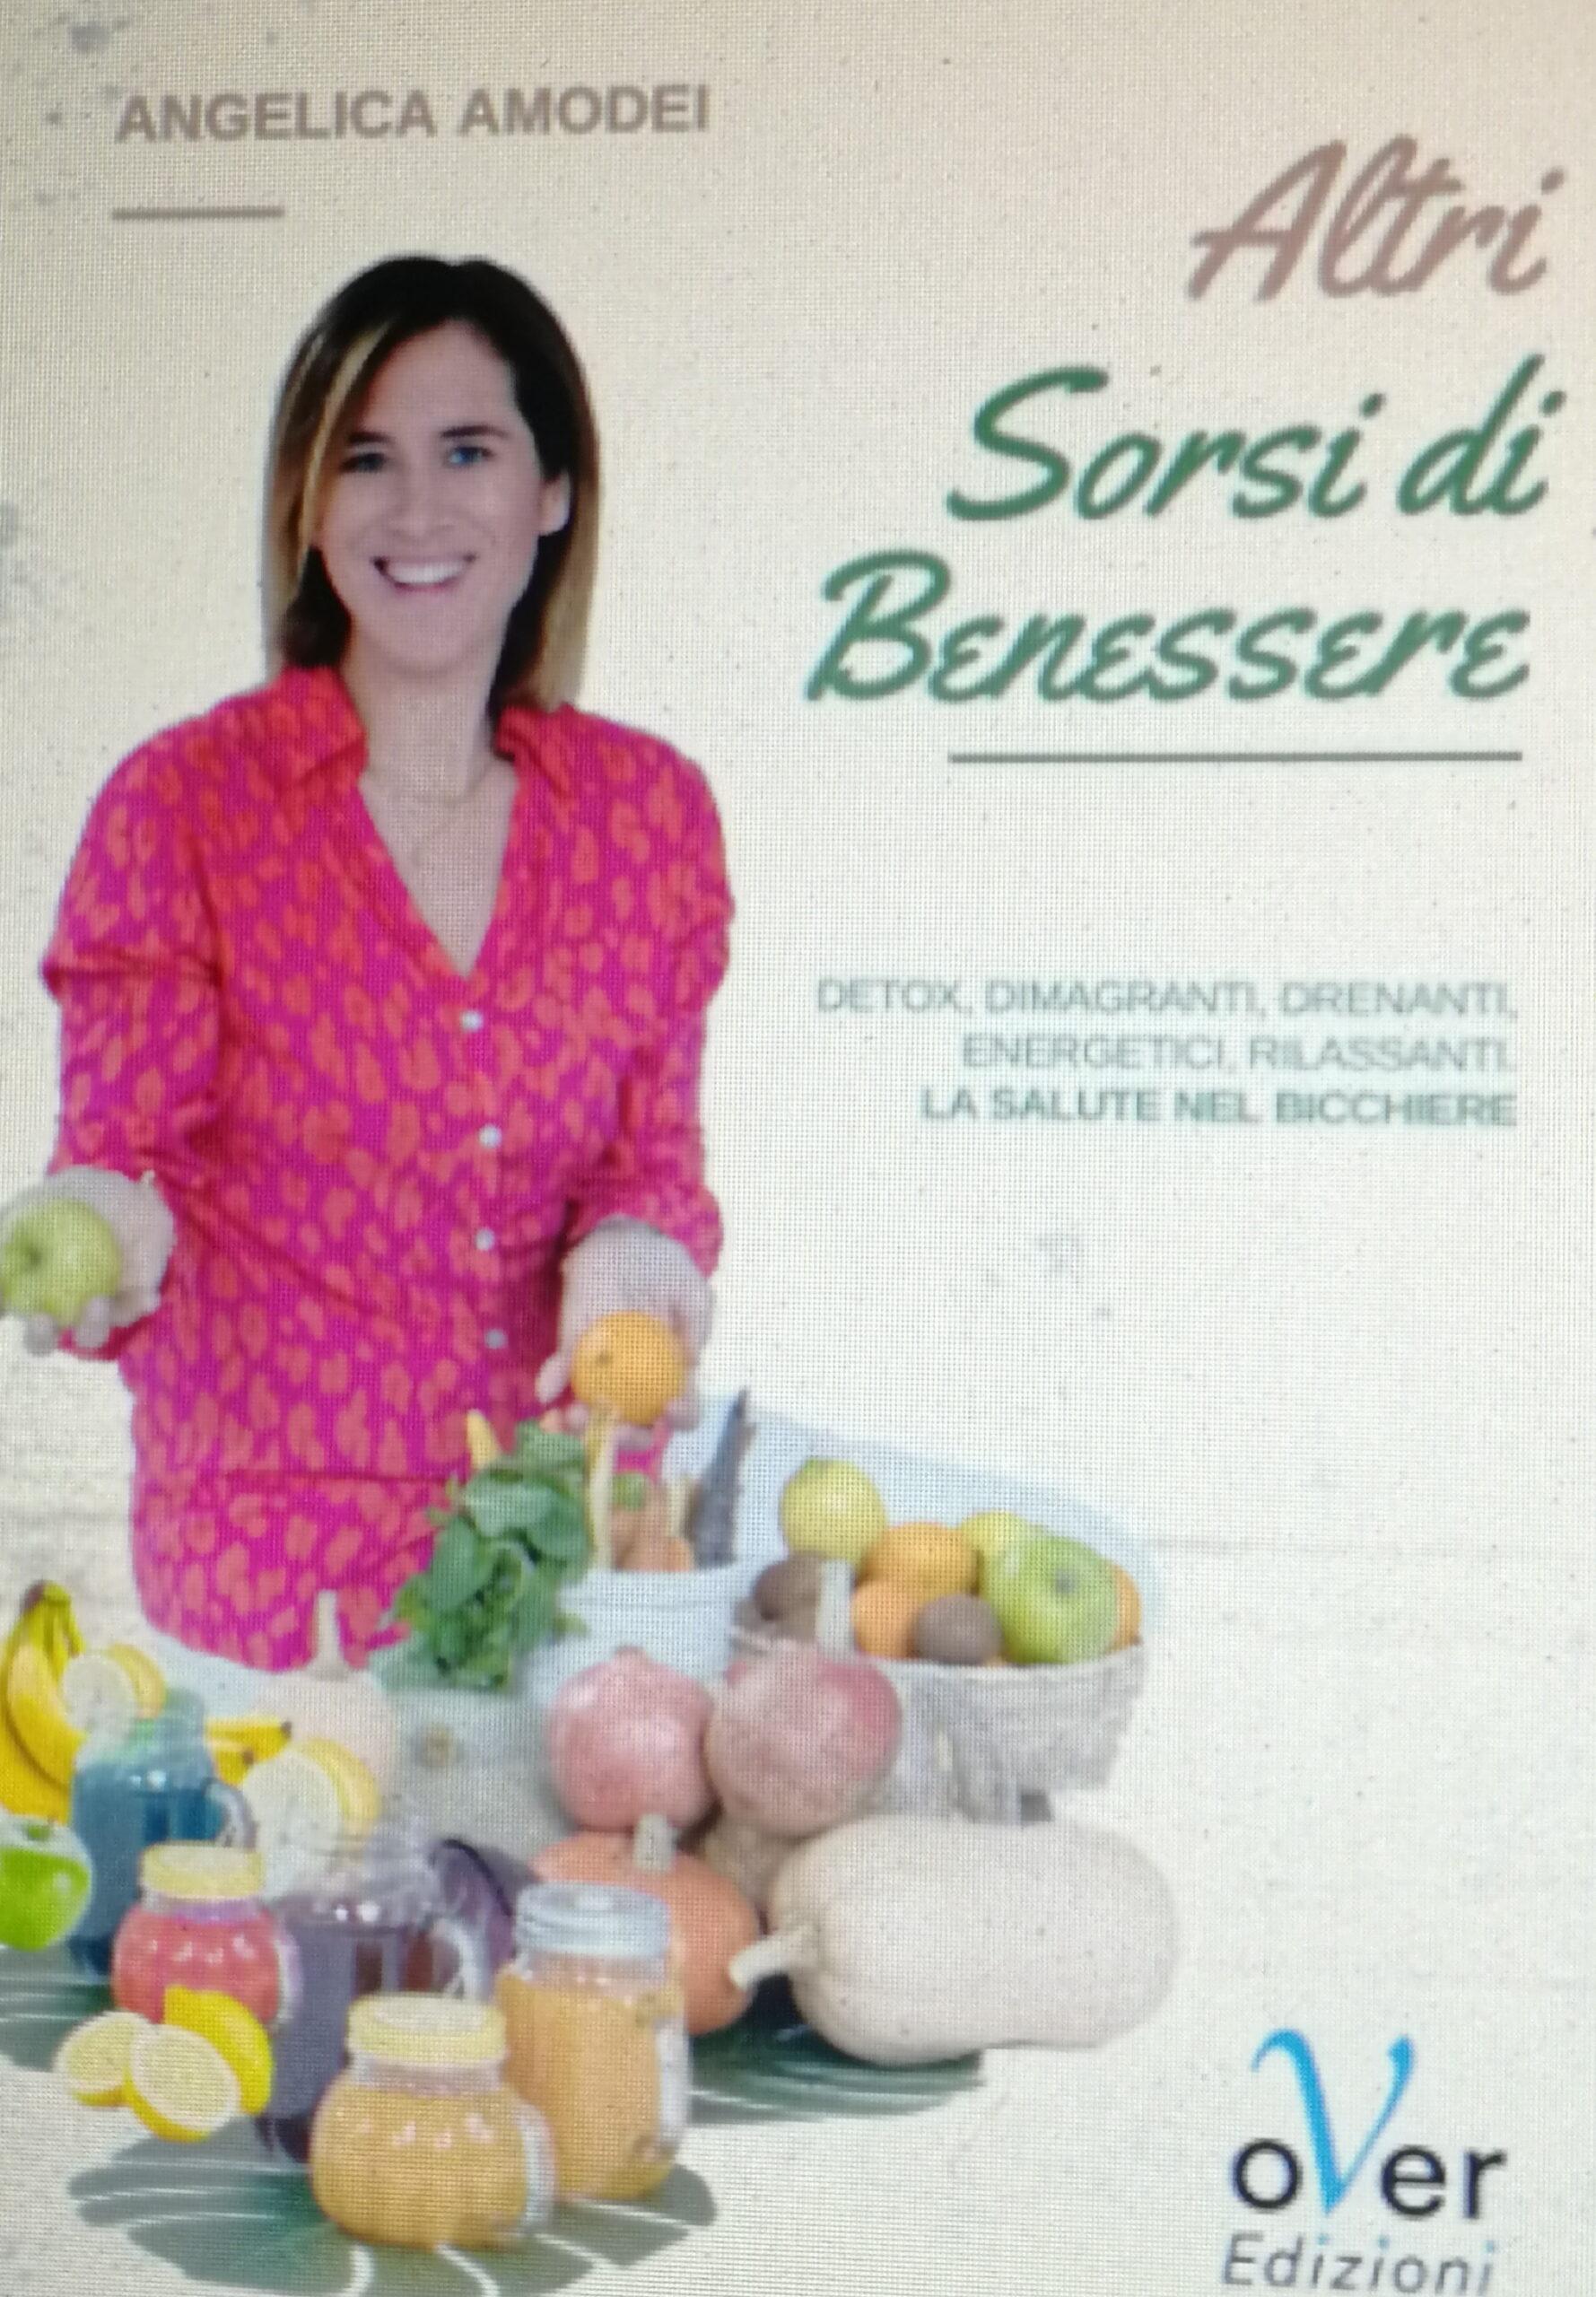 """Esce il libro """"Altri sorsi di benessere"""" edito da oVer Edizioni."""